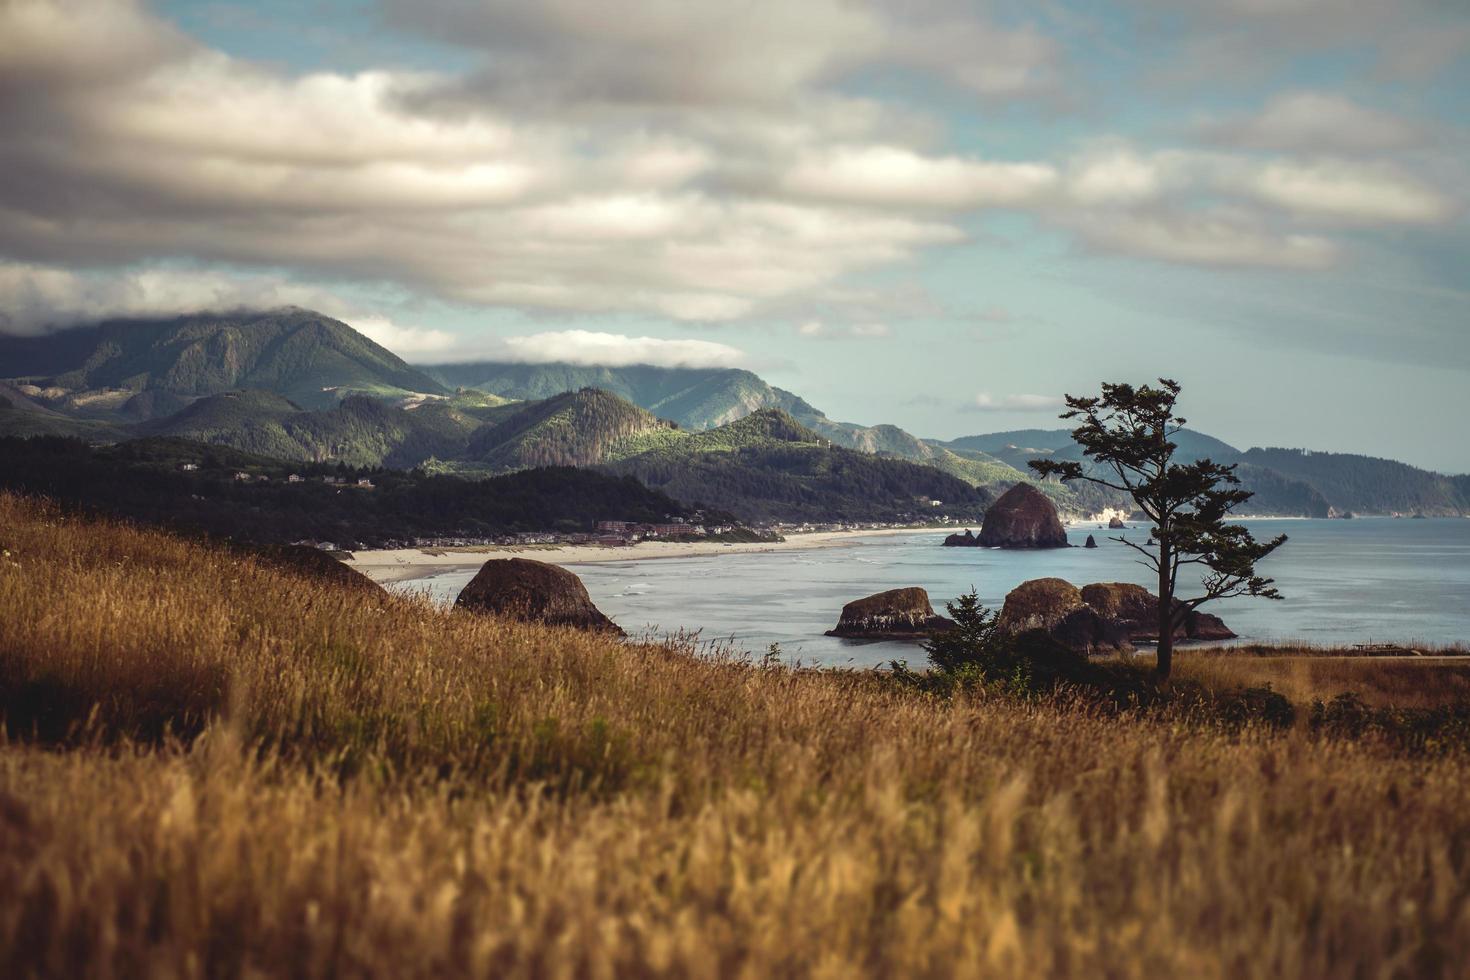 chaîne de montagnes et bord de mer pendant la journée photo